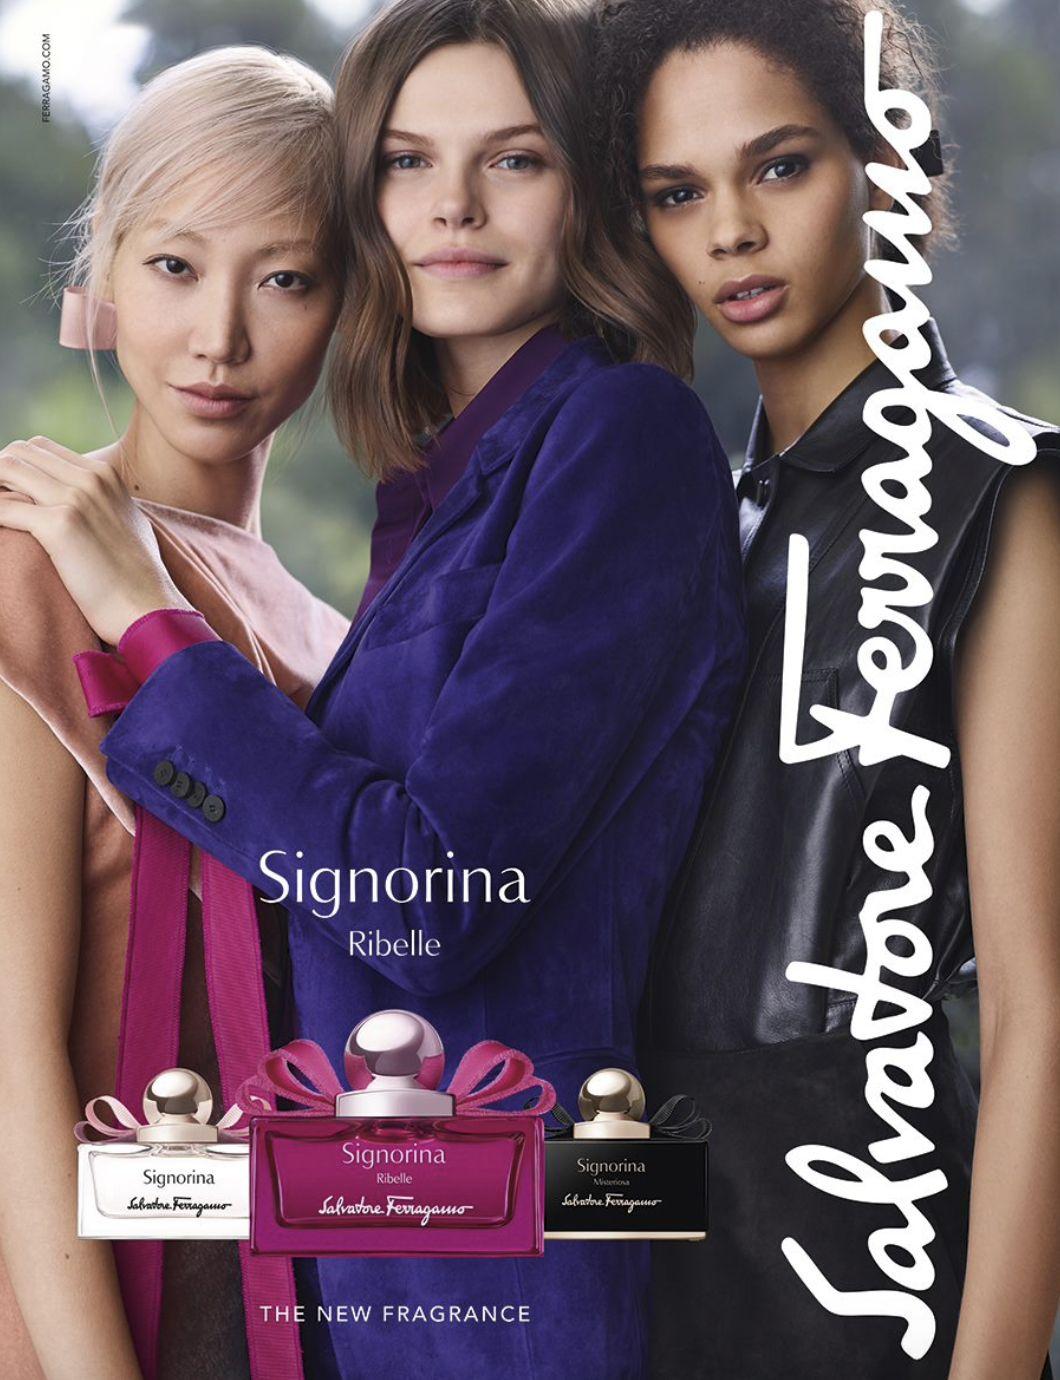 Signorina Ribelle Salvatore Ferragamo perfume - a new fragrance ...